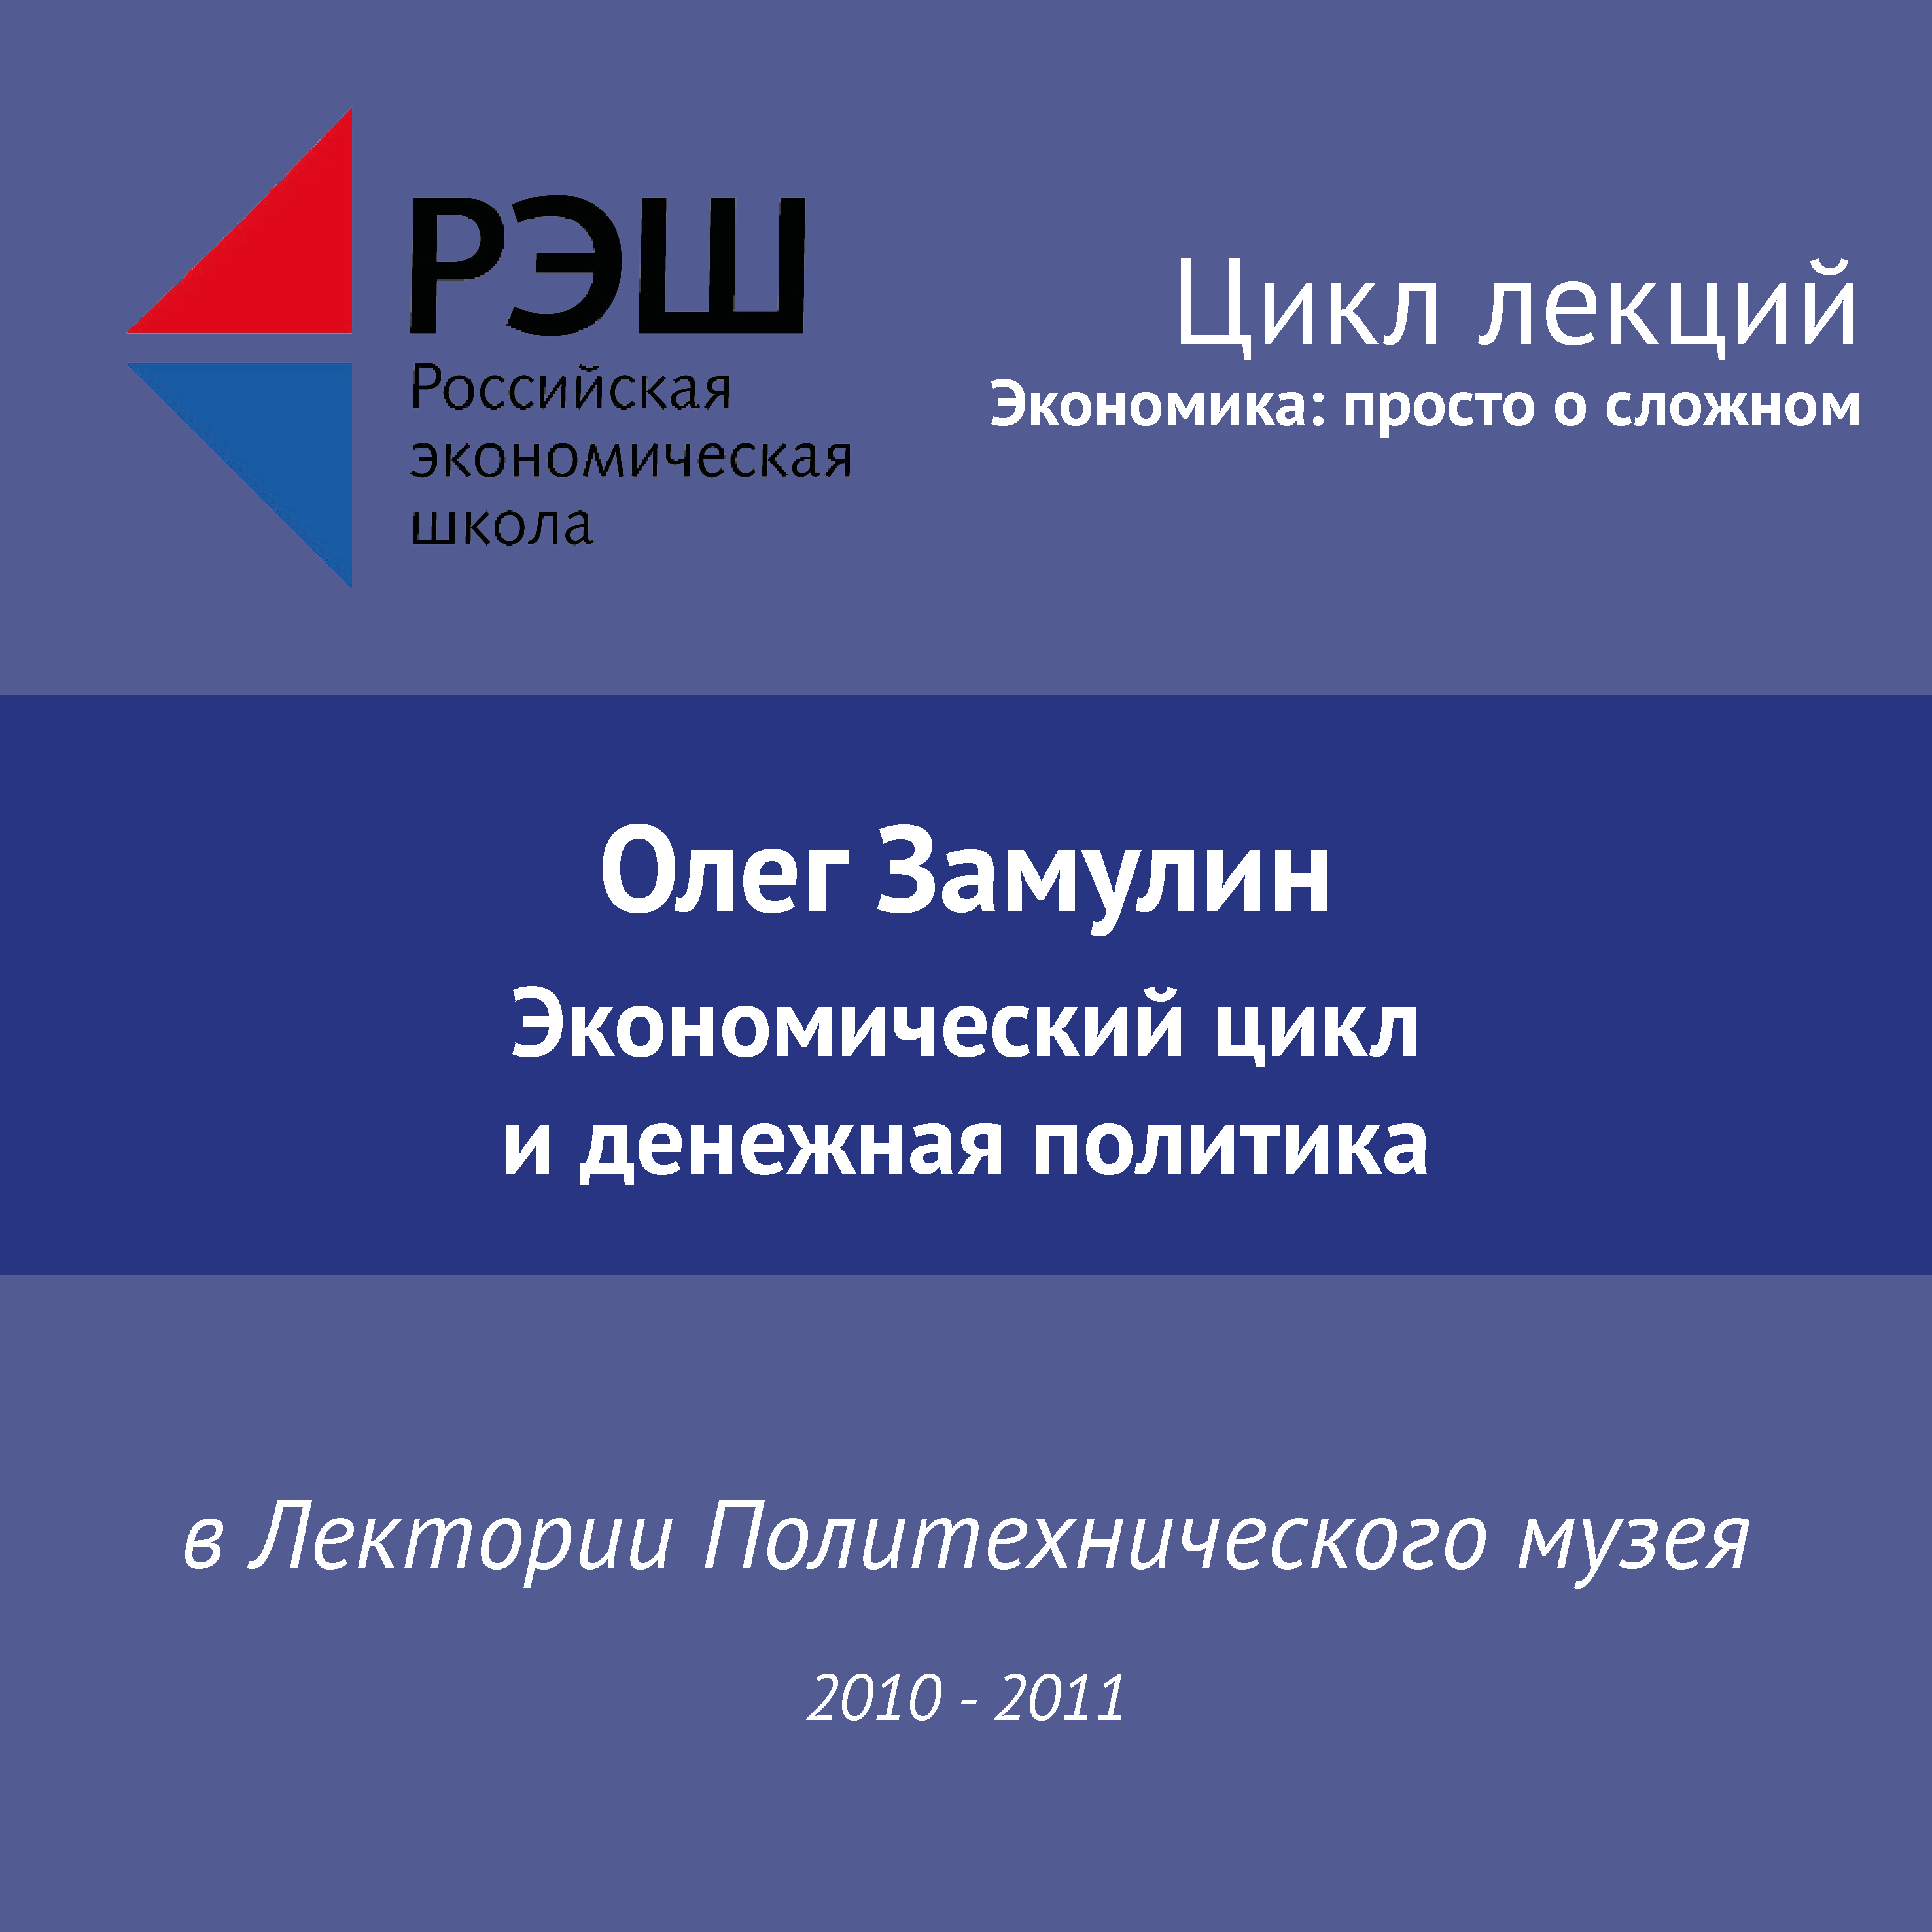 Олег Замулин Лекция №02 «Экономический цикл и денежная политика» лекции товар товарная политика